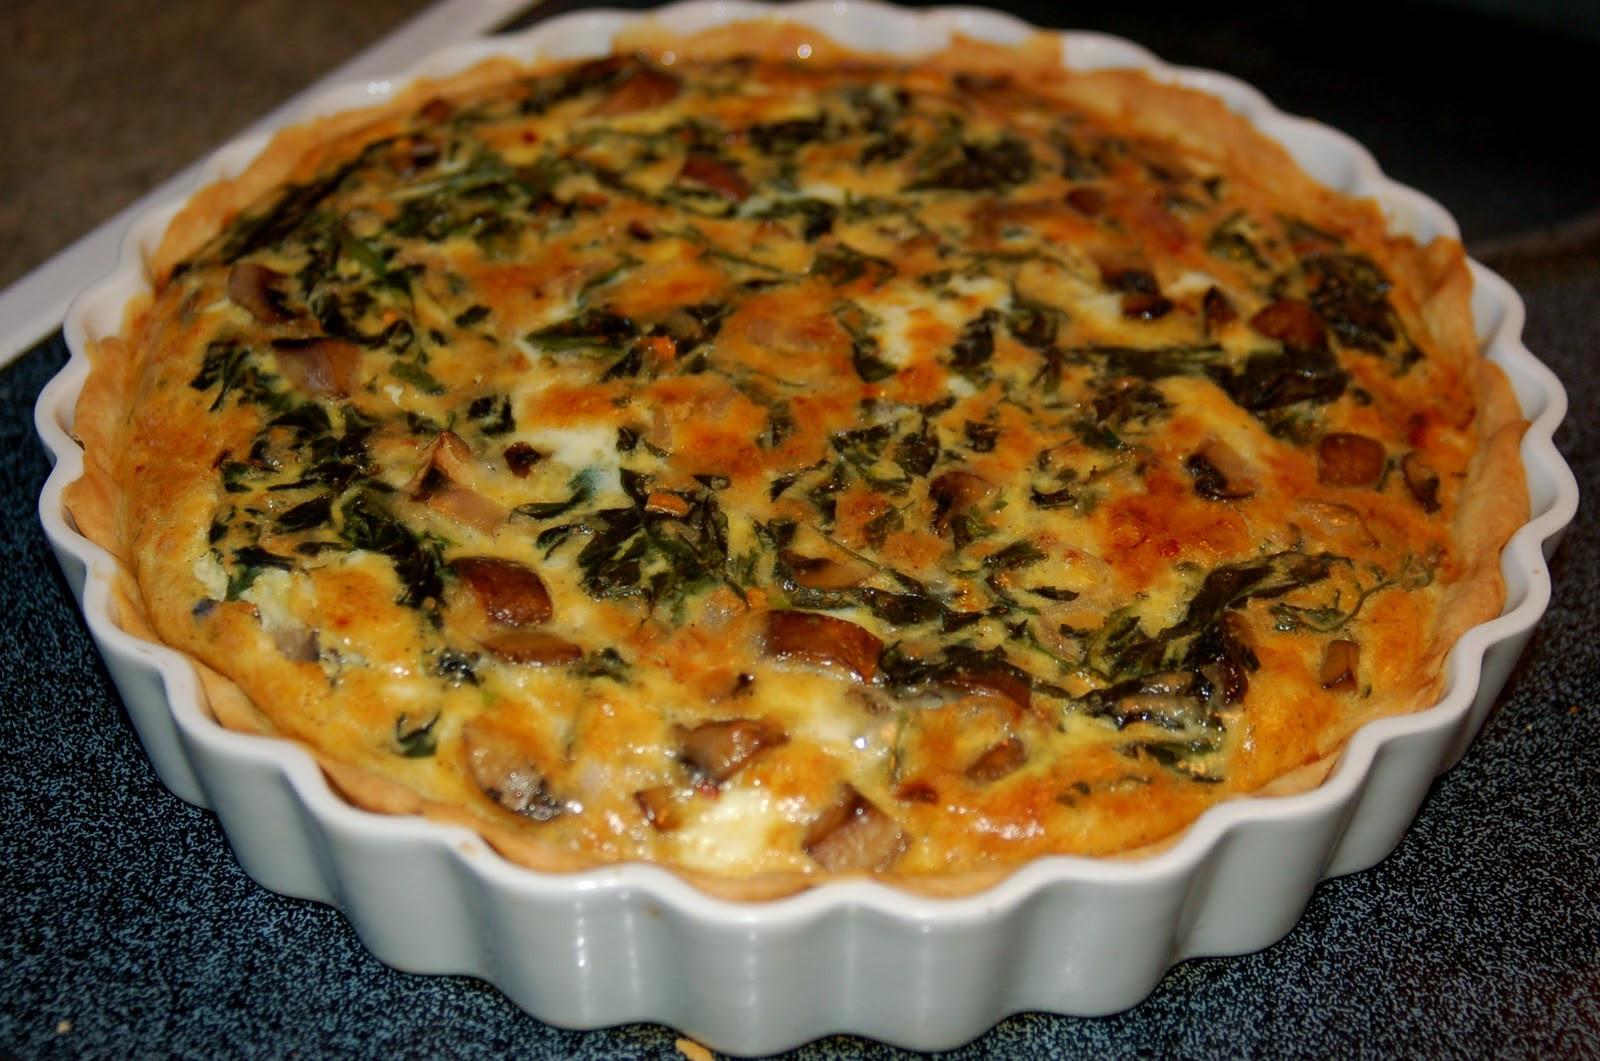 Spinach Mushroom Quiche Recipe  Spinach Mushroom Quiche Recipe — Dishmaps